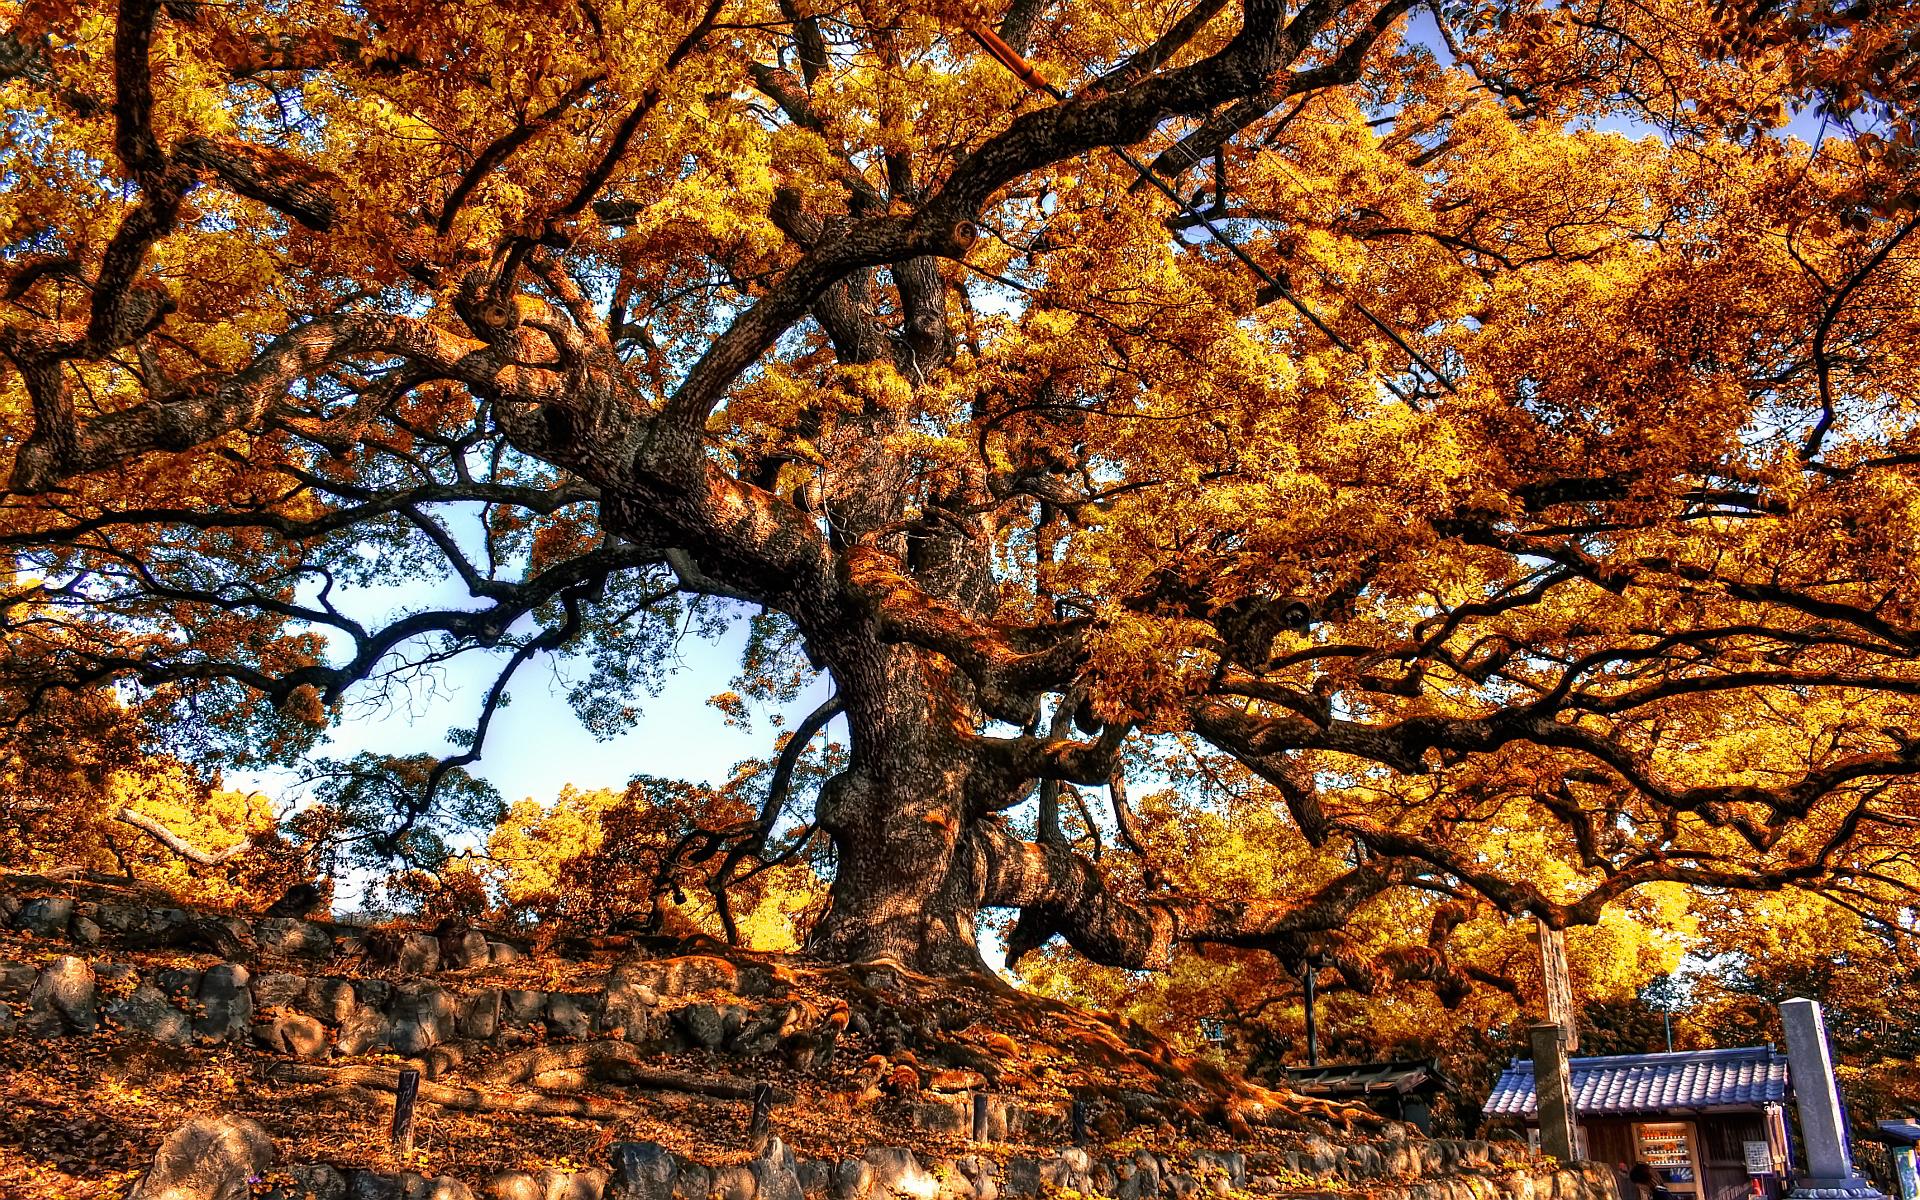 Fall Daisy Wallpaper Autumn Images Desktop Hd Desktop Wallpapers 4k Hd